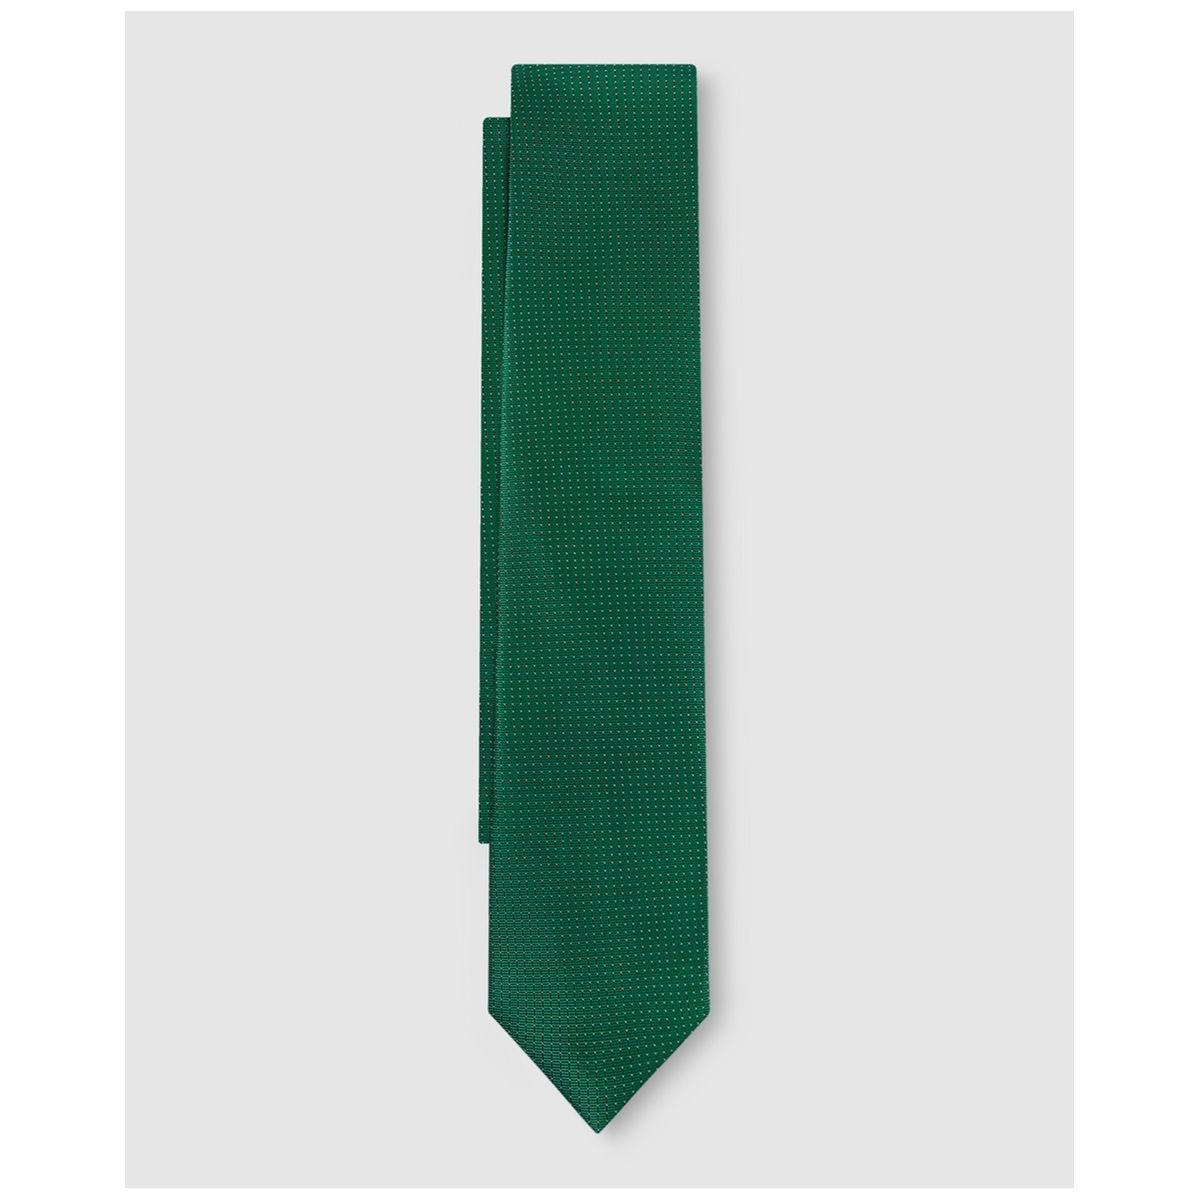 Cravate en soie texturée